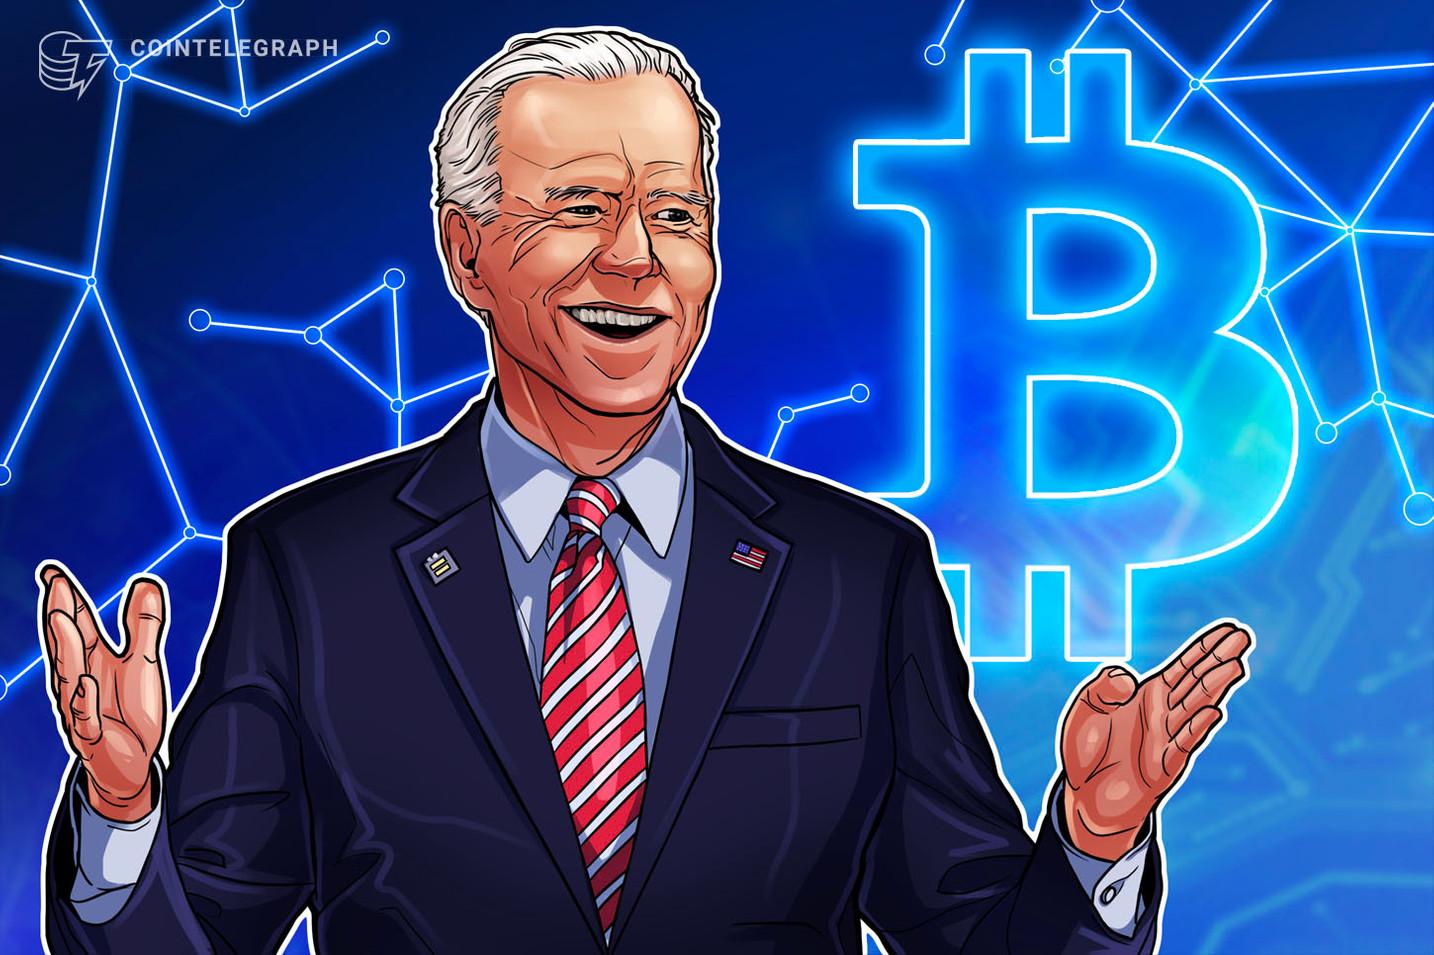 Biden'ın başkanlığı Bitcoin fiyatını nasıl etkileyebilir?